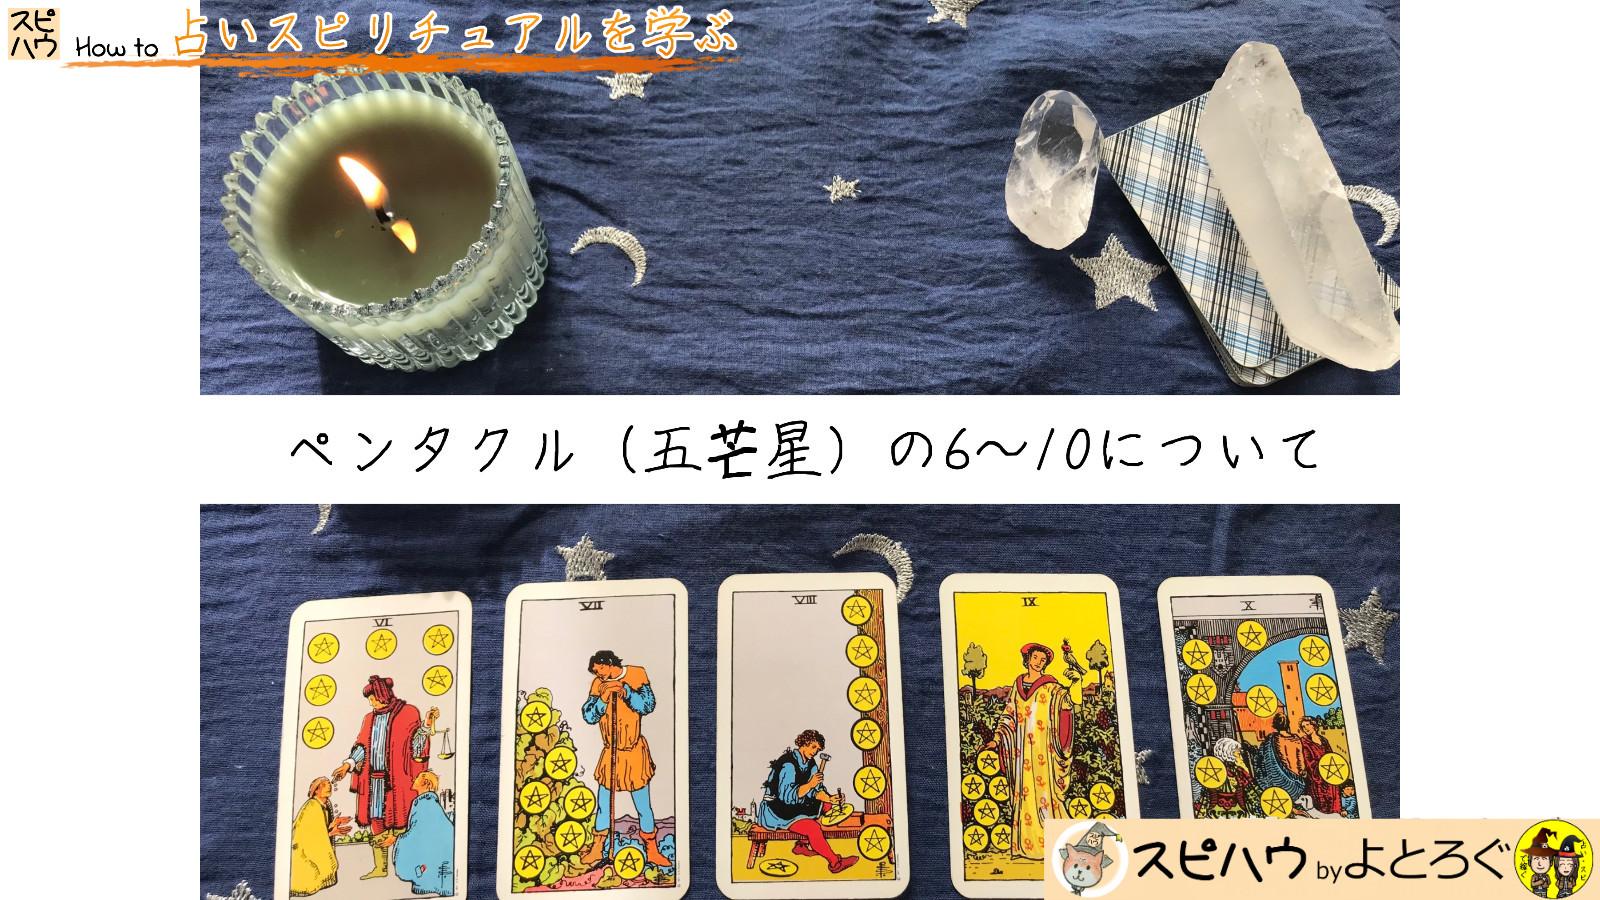 幸せは分け合うもの。みんなでHAPPYに! 6~10のカード画像